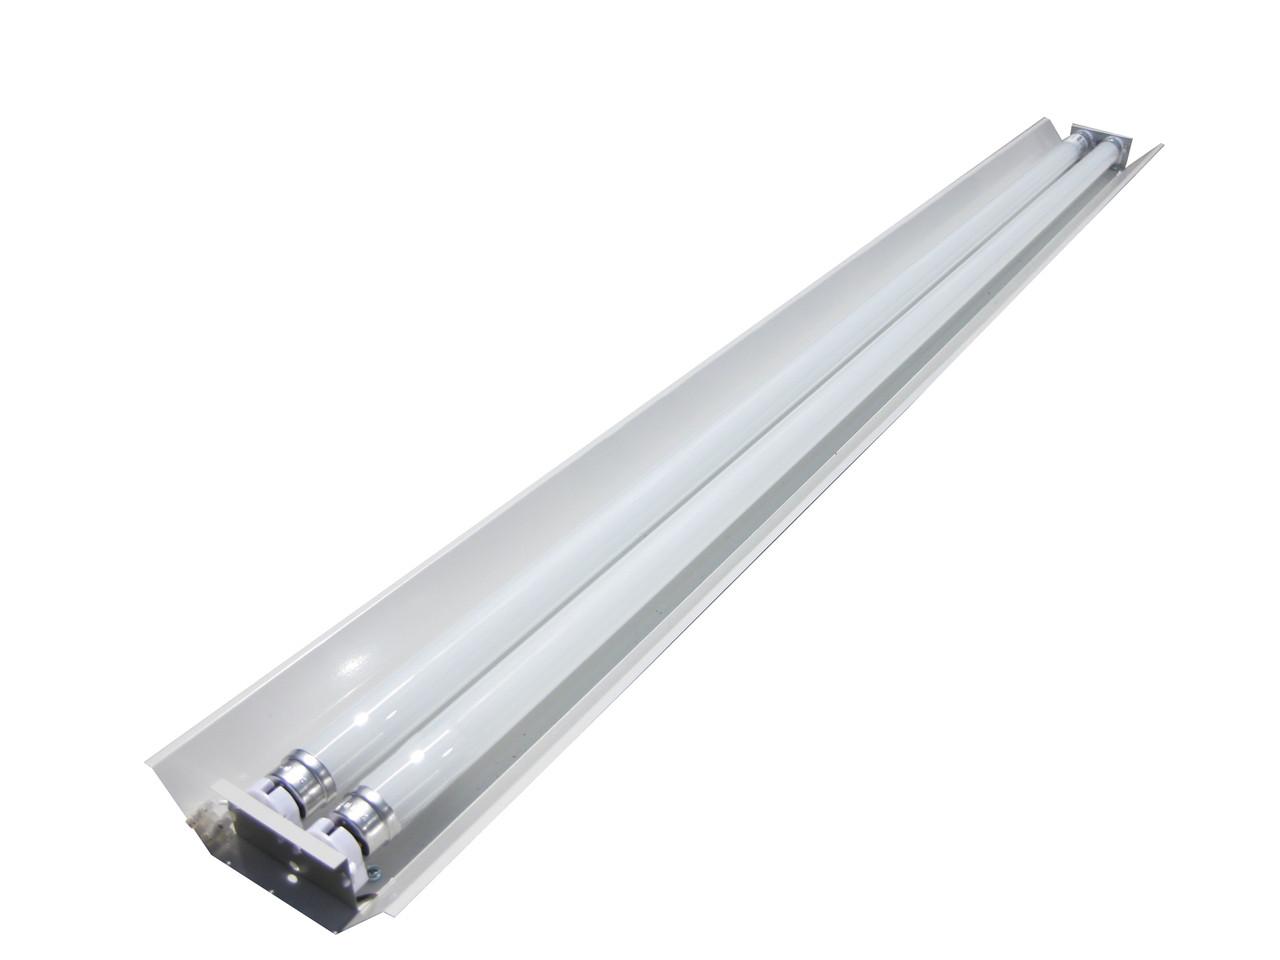 Светильник открытый под две led лампы 120см  СПВ 02-1200 компакт MSK Electric